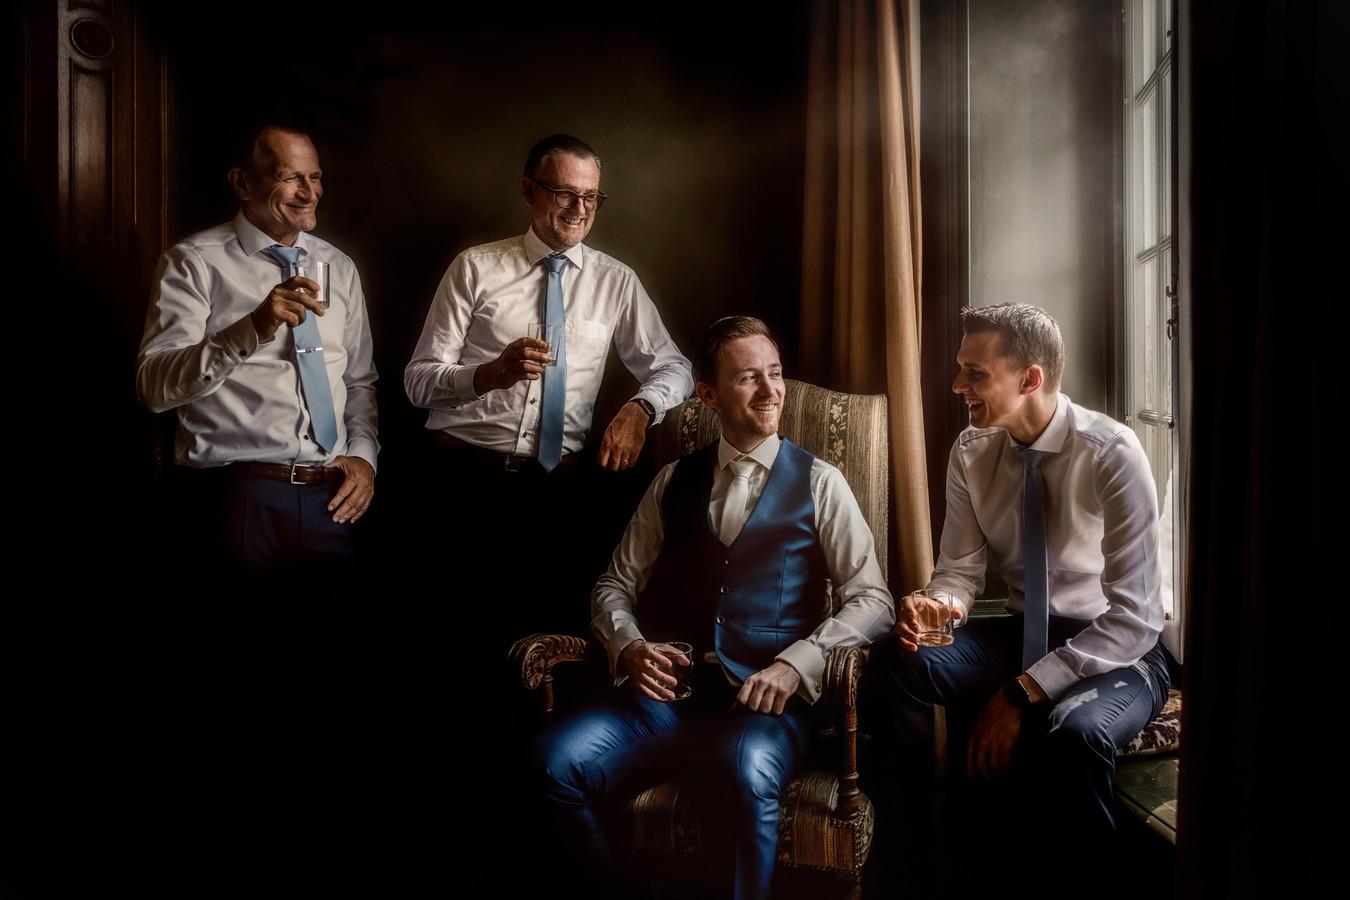 De mannen aan de whiskey.